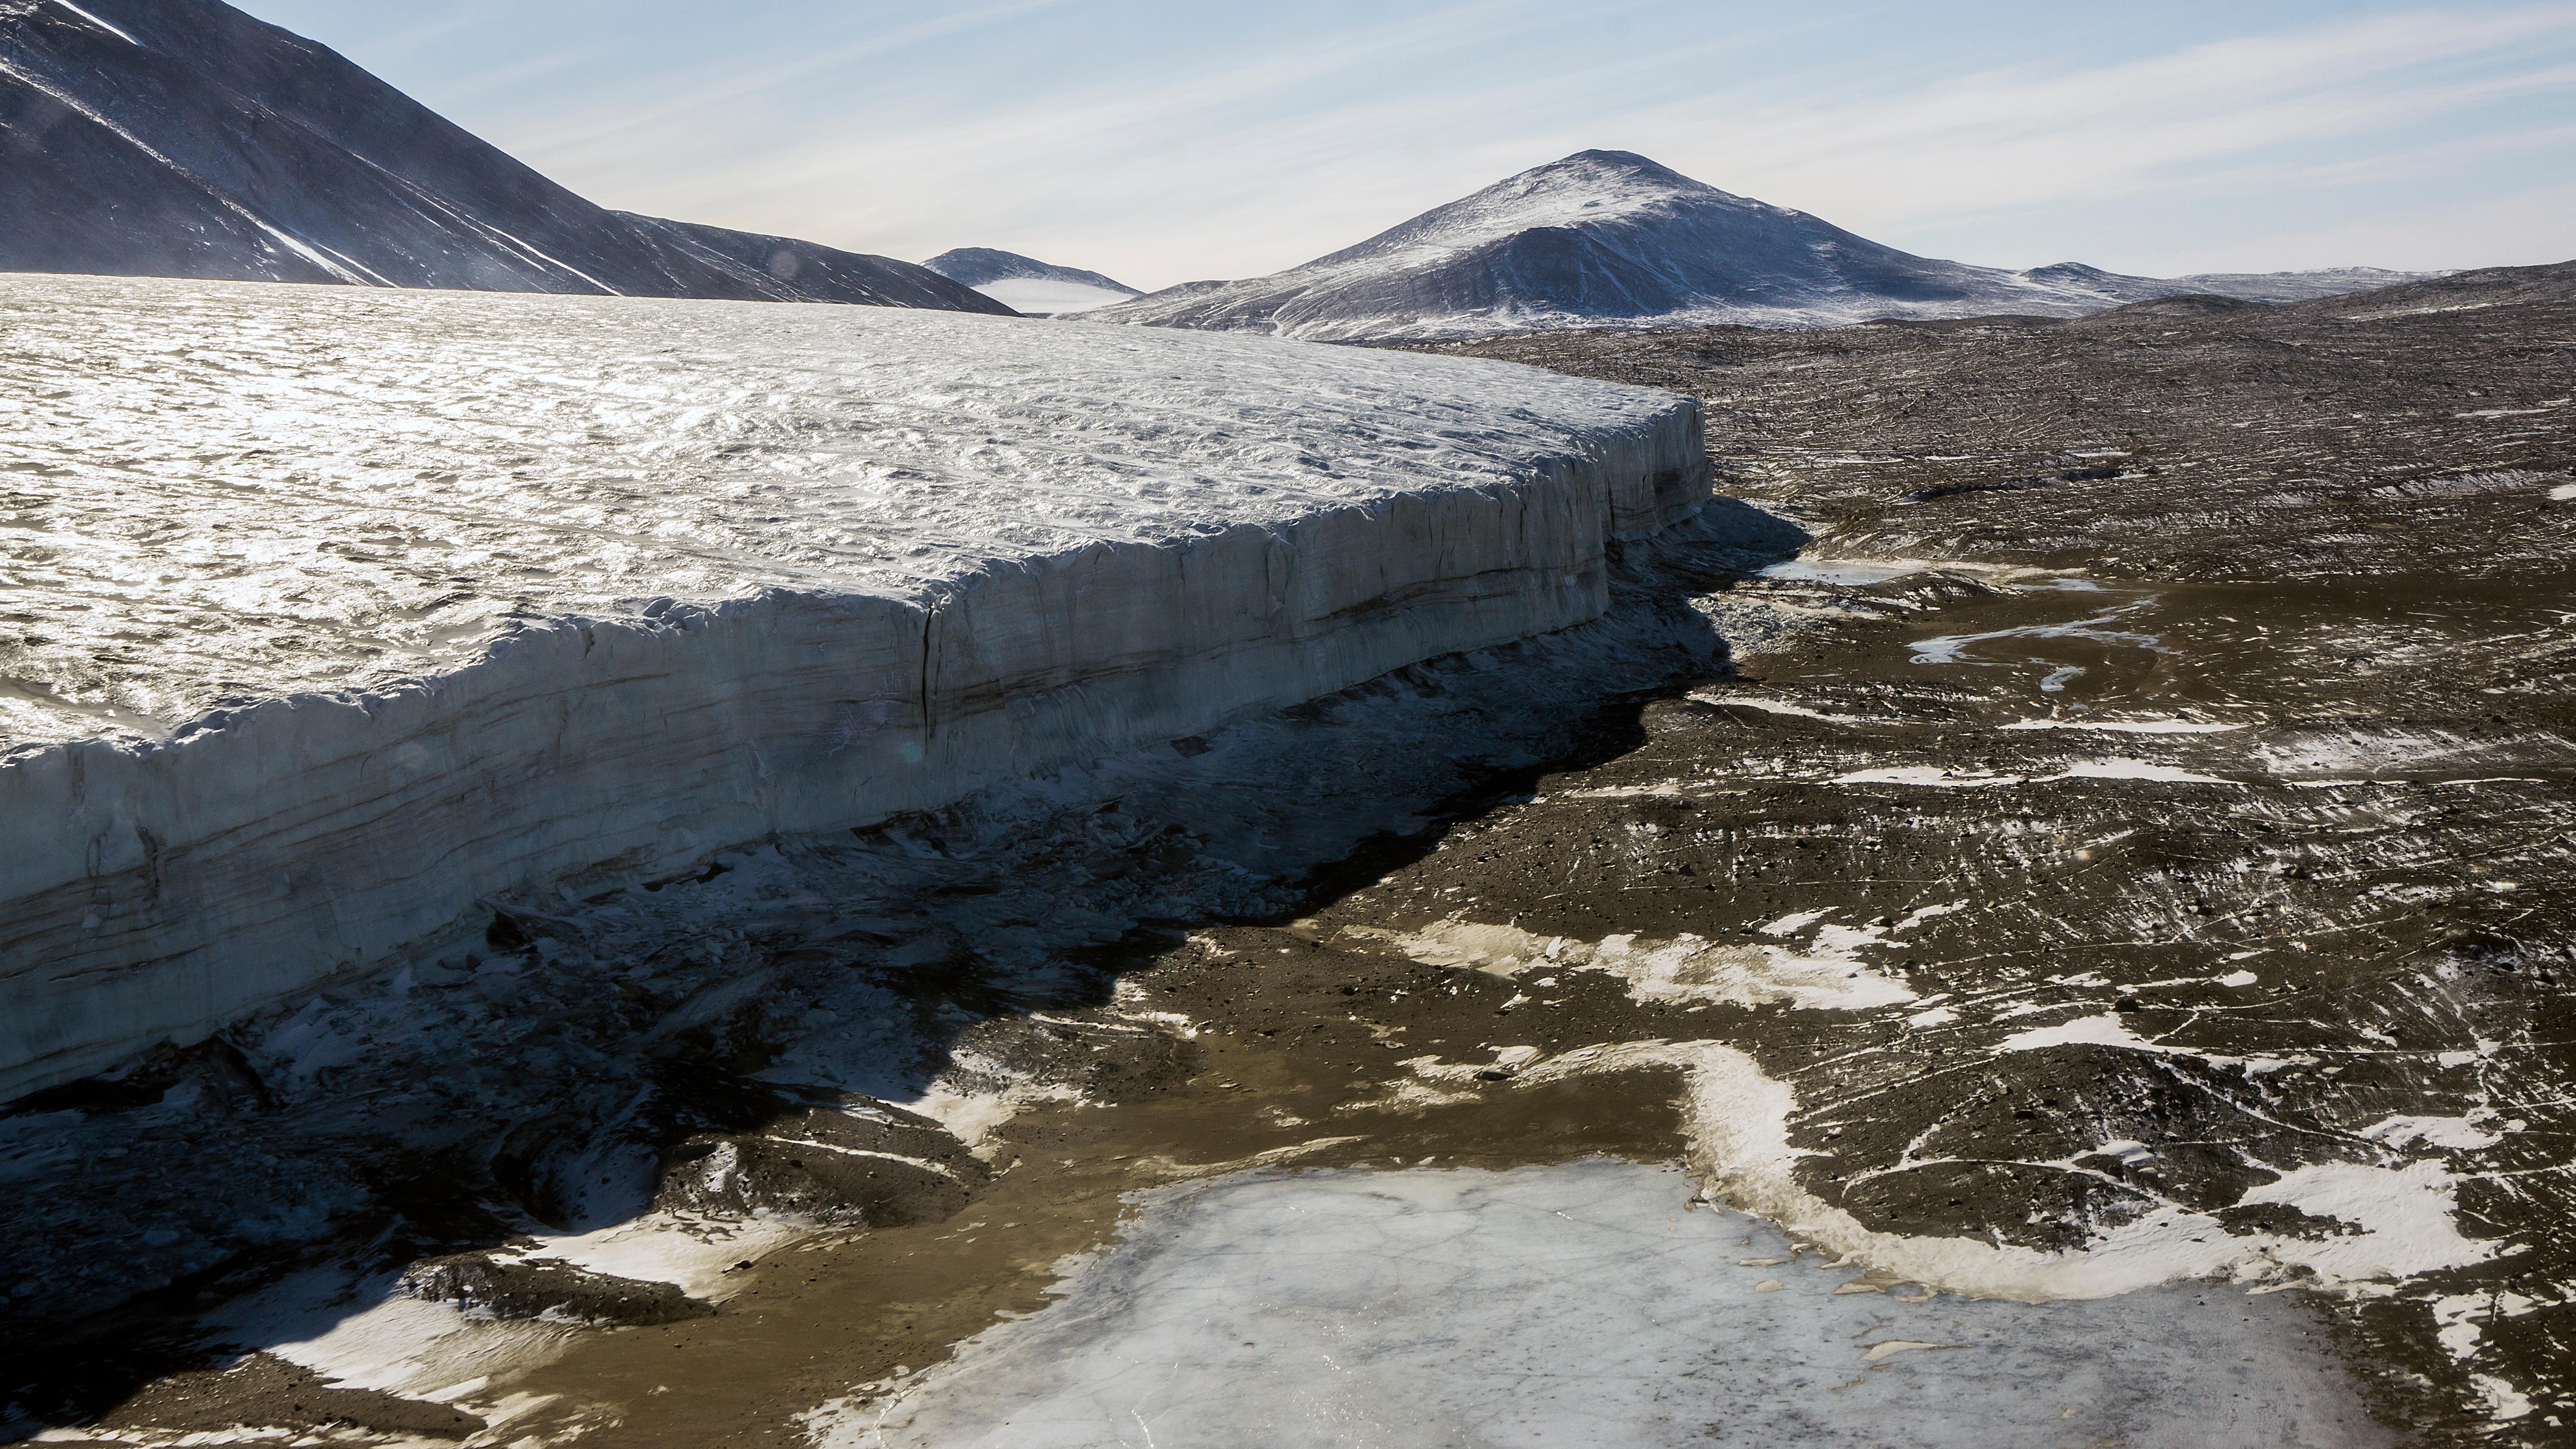 Sorprendentemente, el lugar más seco de la Tierra no es el desierto del Sahara, sino la Antártida. En los valles secos de la Antártida no ha llovido durante dos millones de años, por lo que se considera el lugar más seco del mundo